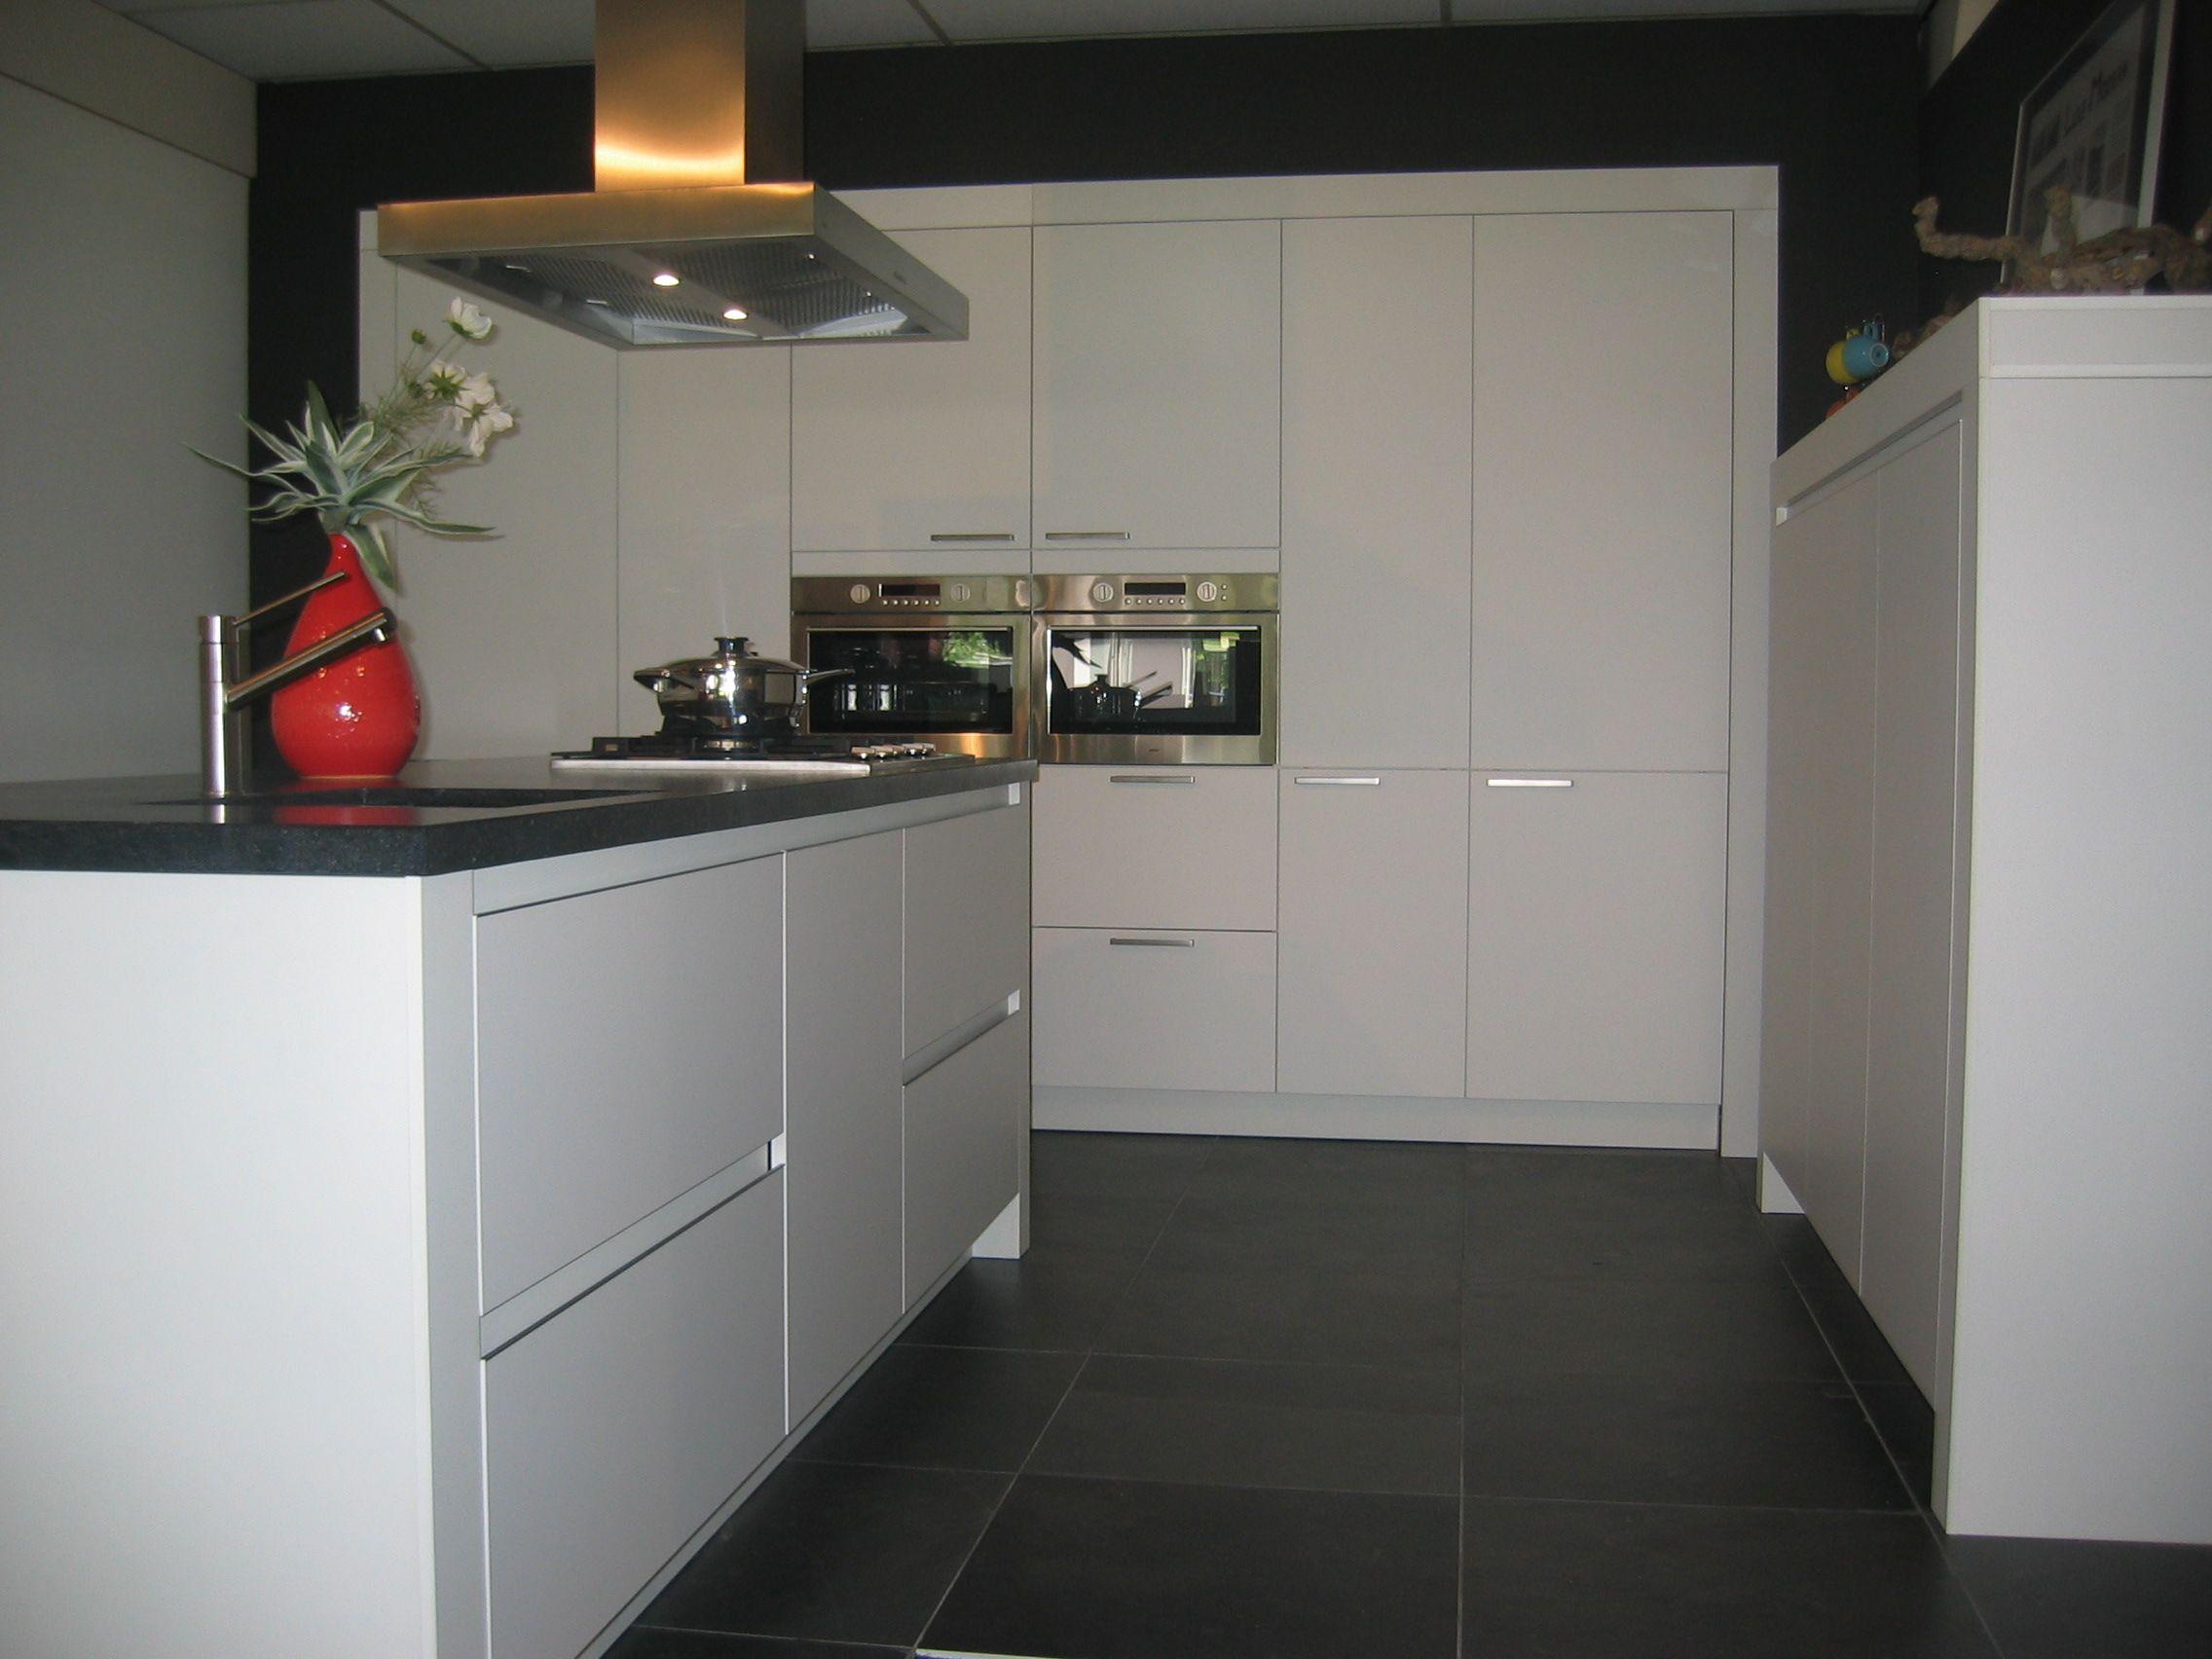 Greeploze Witte Keuken : Bemmel kroon keuken